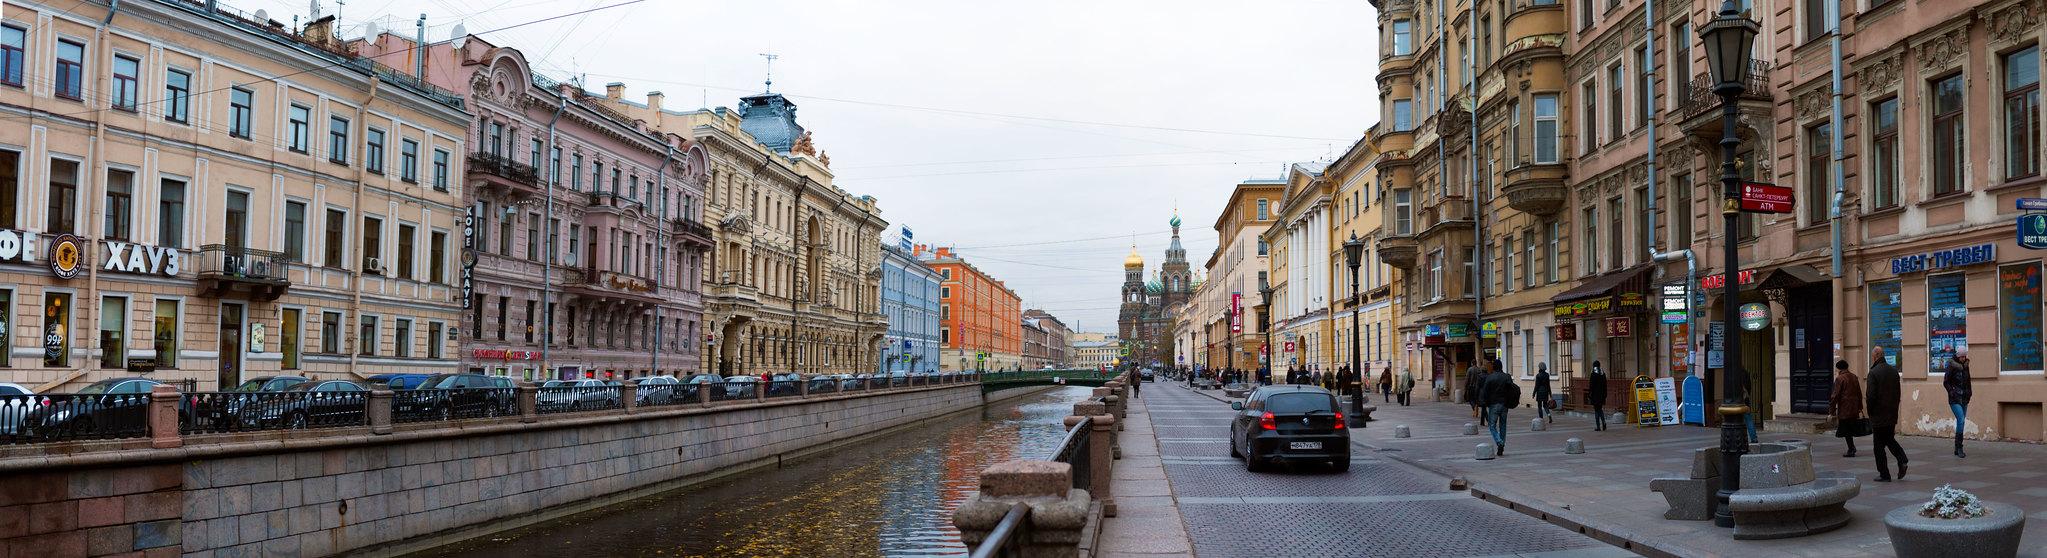 St. Petersburg Streets